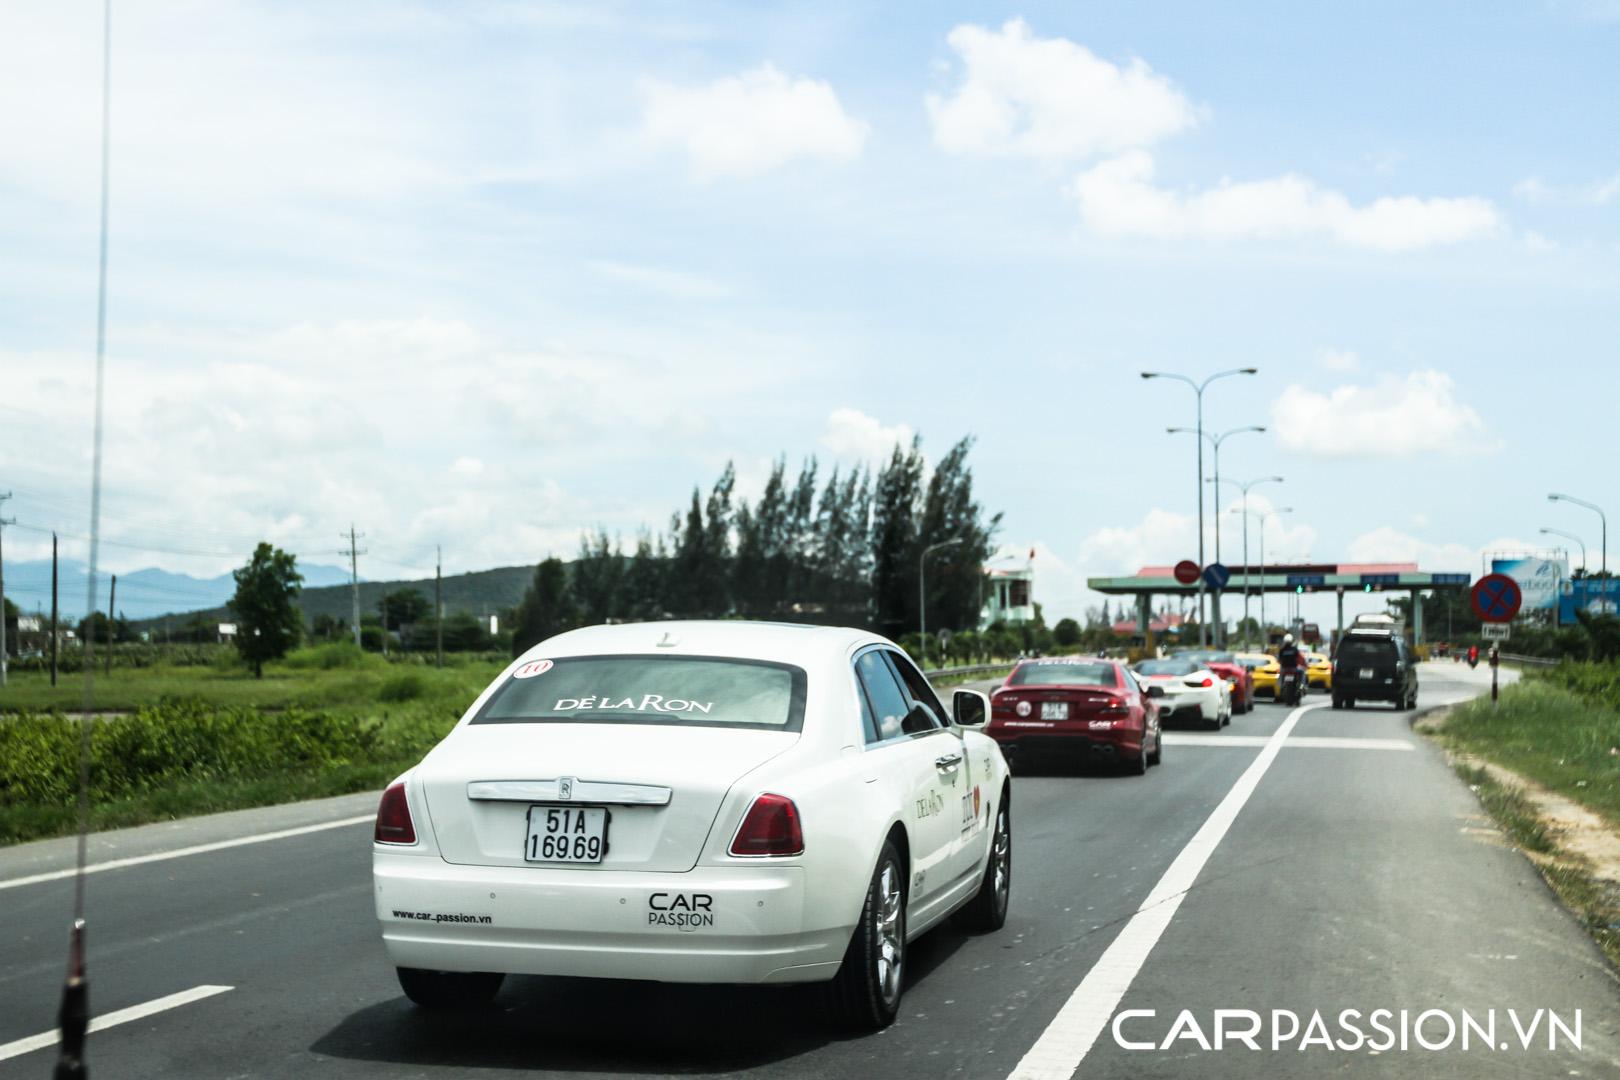 CP-Hành trình siêu xe CarPassion 2011 (148).jpg